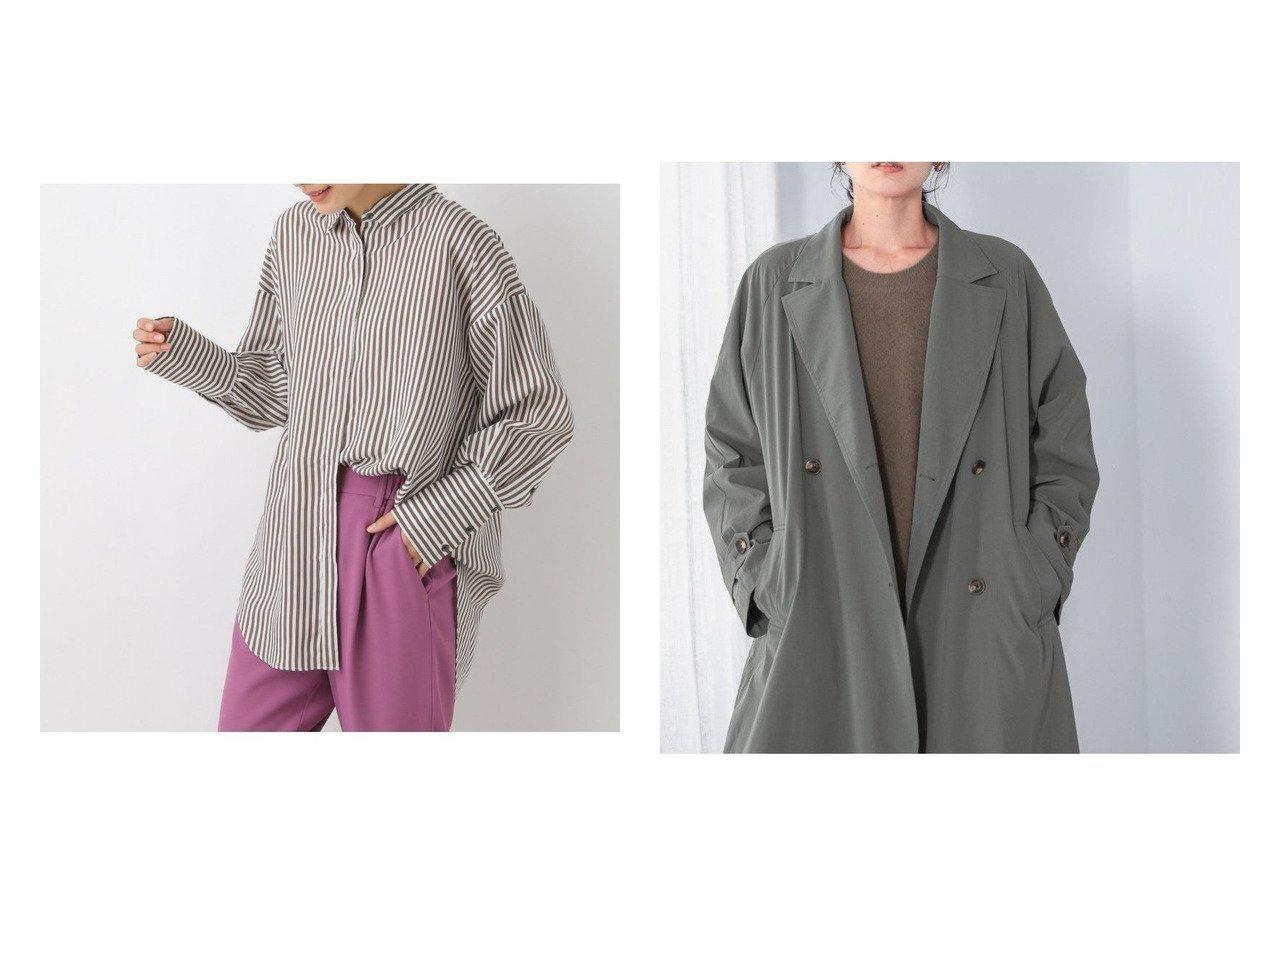 【LEPSIM LOWRYS FARM/レプシィム ローリーズファーム】のシルクコンアラエルSH&ハッスイロングテーラーコート おすすめ!人気、トレンド・レディースファッションの通販 おすすめで人気の流行・トレンド、ファッションの通販商品 インテリア・家具・メンズファッション・キッズファッション・レディースファッション・服の通販 founy(ファニー) https://founy.com/ ファッション Fashion レディースファッション WOMEN アウター Coat Outerwear コート Coats ジャケット Jackets トップス・カットソー Tops/Tshirt シャツ/ブラウス Shirts/Blouses NEW・新作・新着・新入荷 New Arrivals シンプル ジャケット トレンド ロング ストライプ 長袖 |ID:crp329100000071067